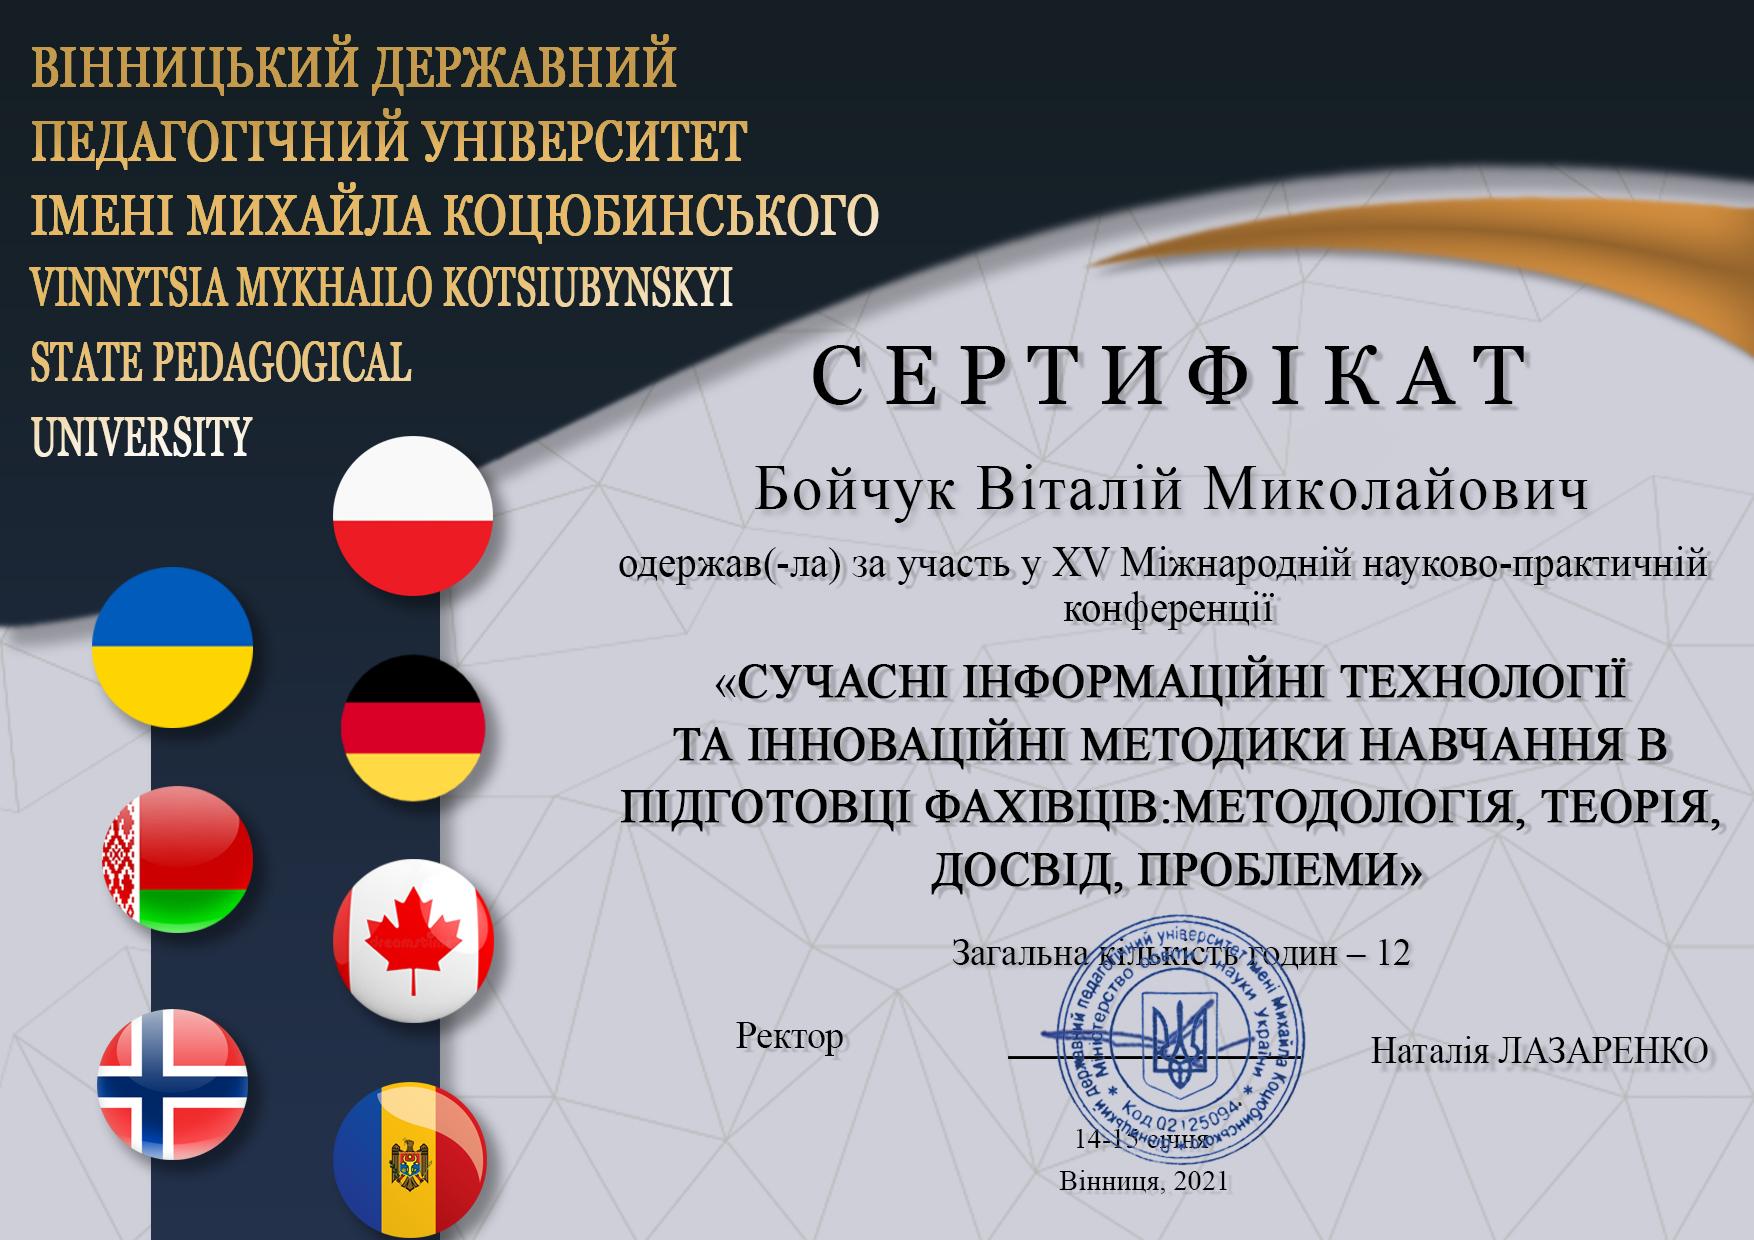 Бойчук Віталій Миколайович